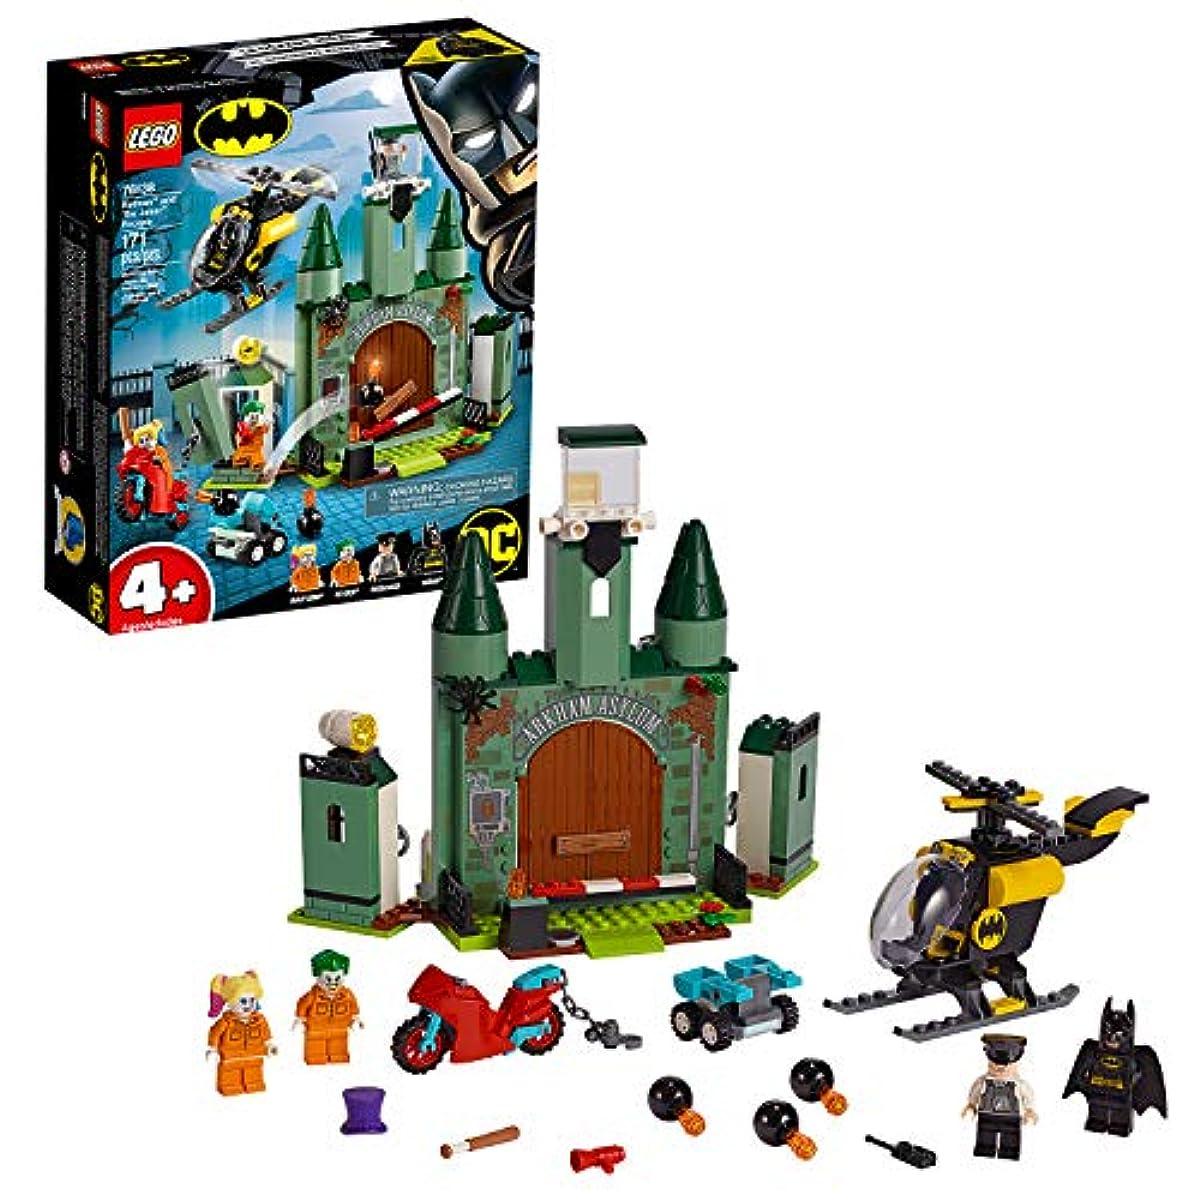 [해외] 레고(LEGO) 슈퍼히어로즈 배트맨(TM) 와 조커(TM) 의 탈출 76138 블럭 장난감 사내 아이